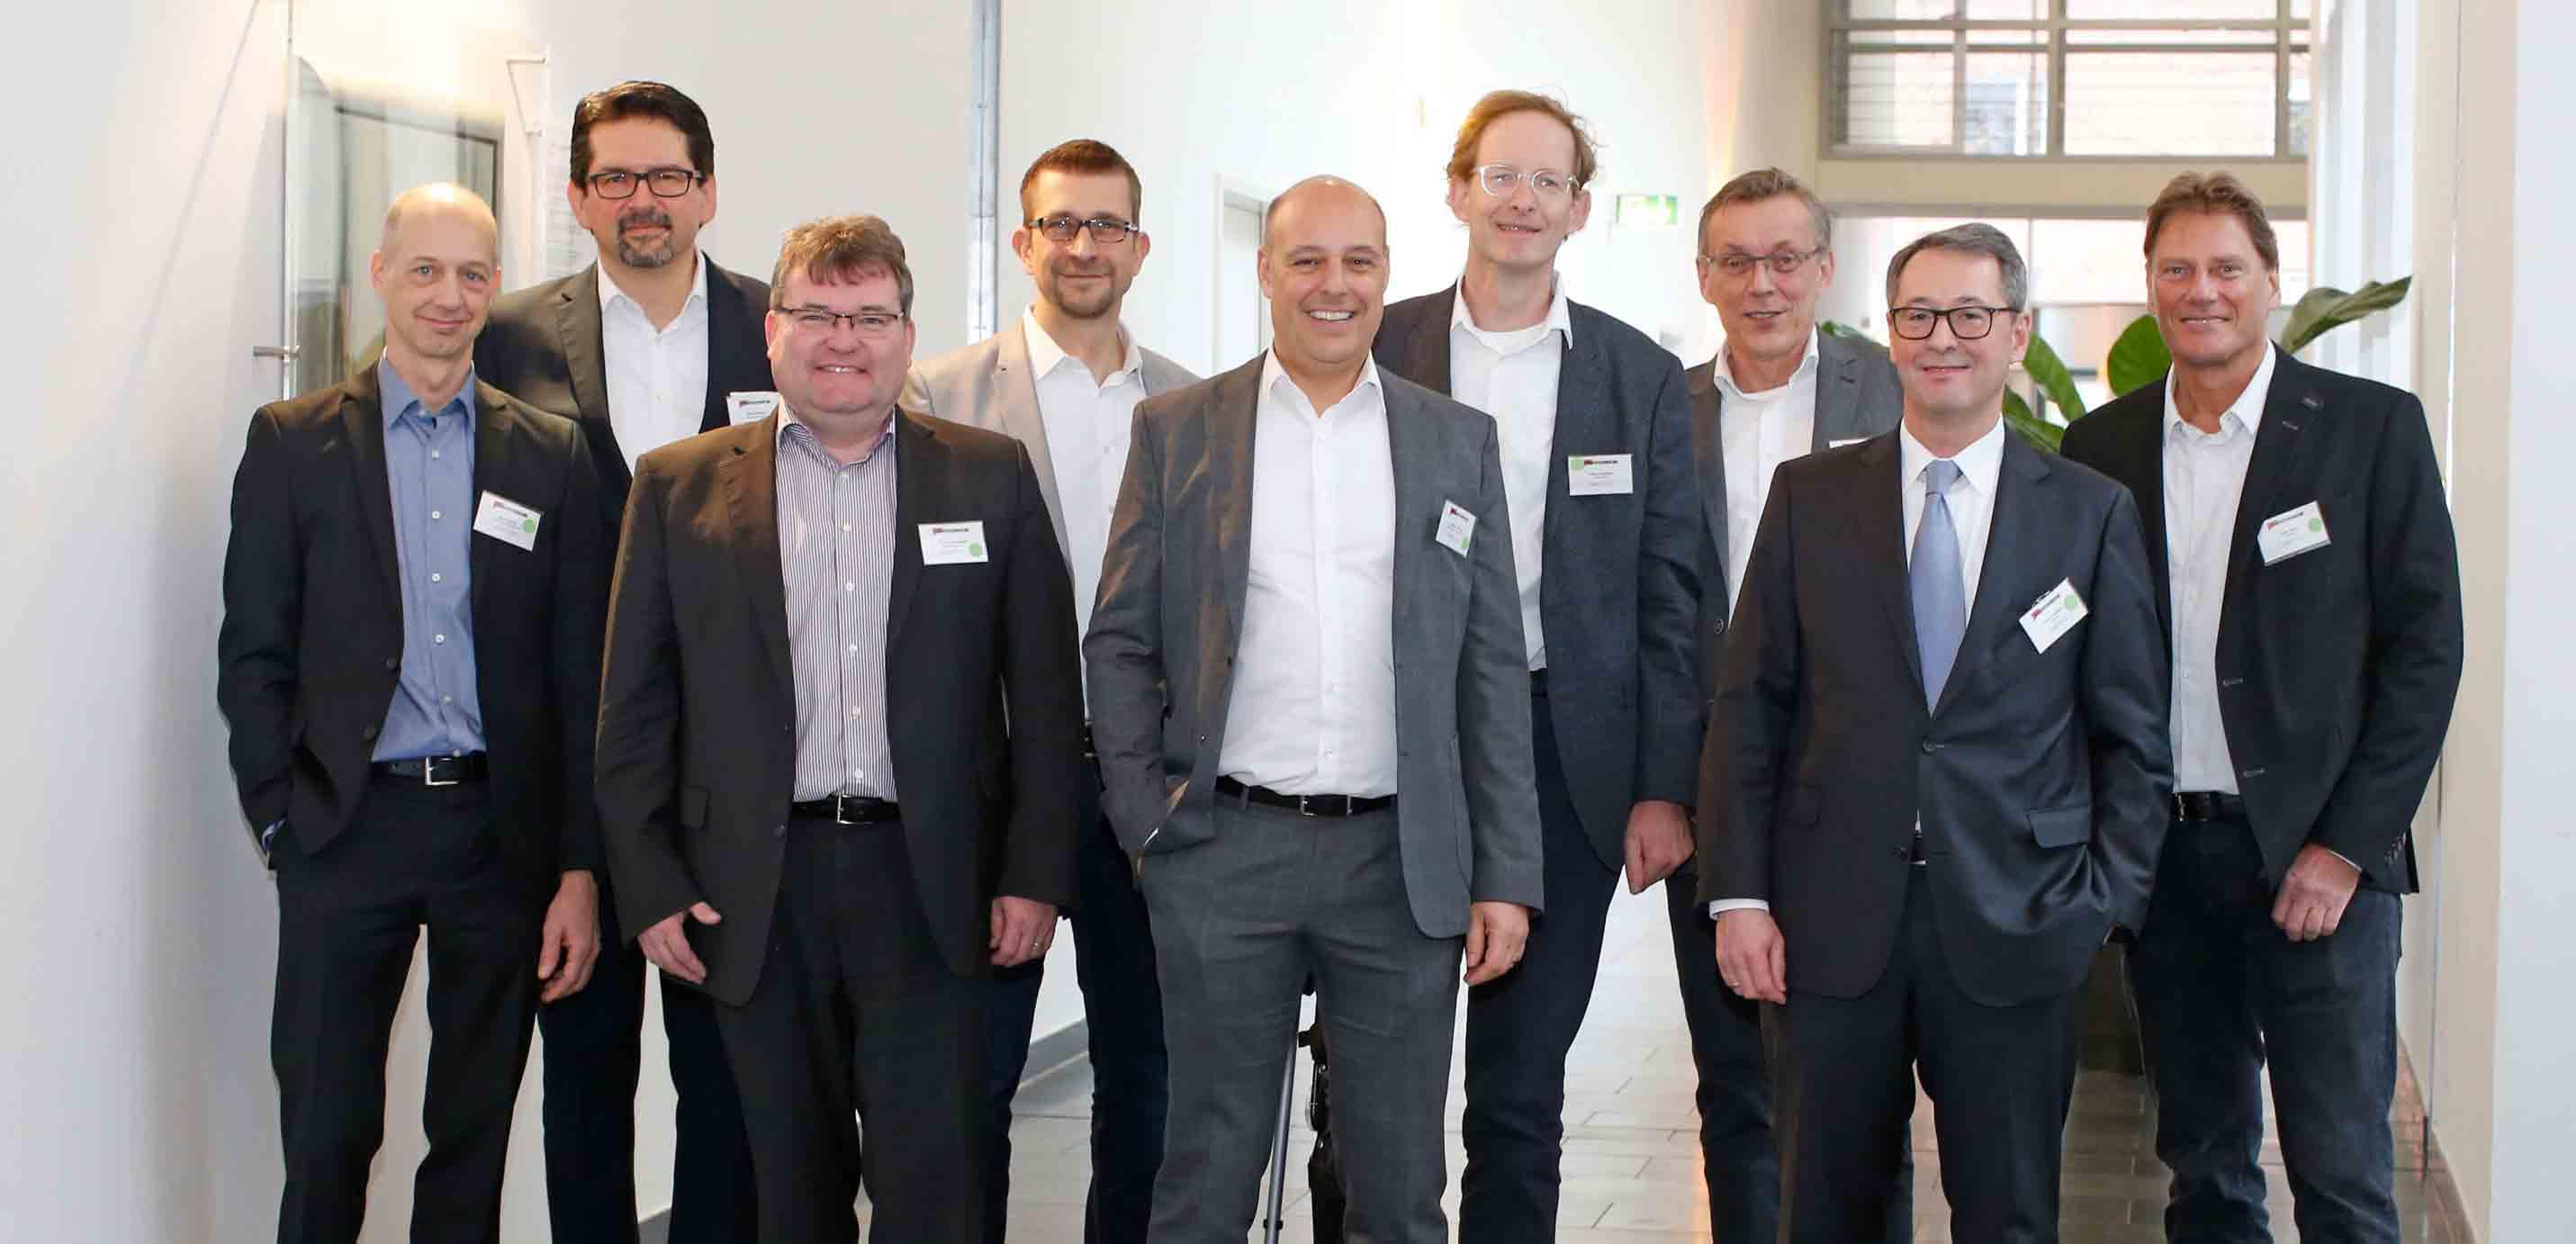 Teilnehmer des IDG Roundtable-Managed Services